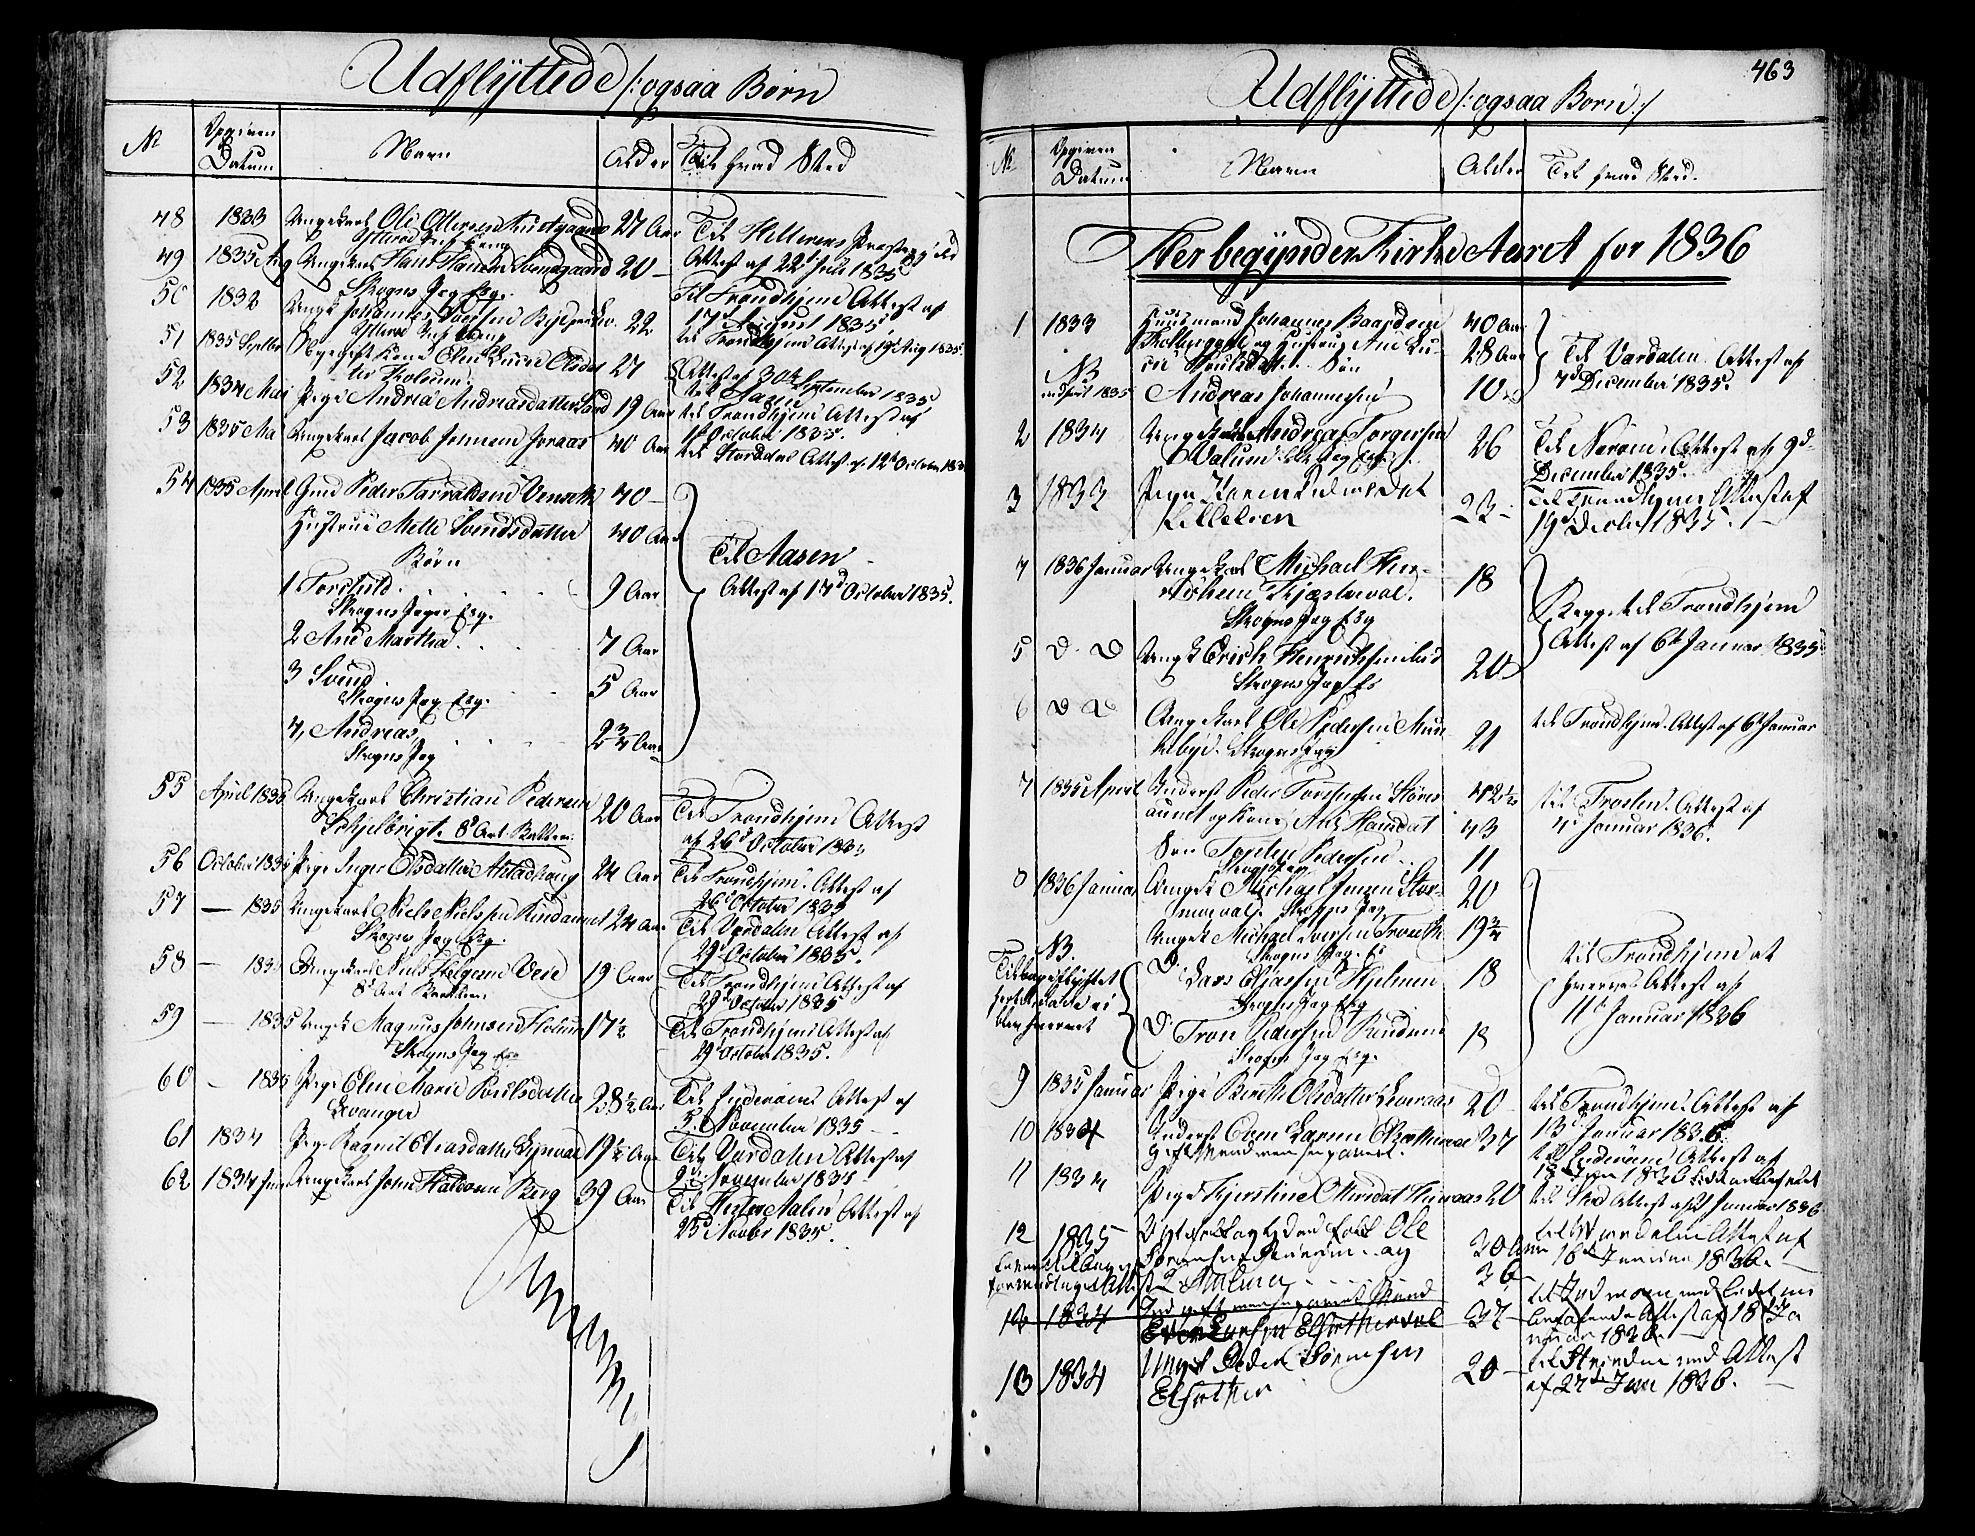 SAT, Ministerialprotokoller, klokkerbøker og fødselsregistre - Nord-Trøndelag, 717/L0152: Ministerialbok nr. 717A05 /1, 1825-1836, s. 463